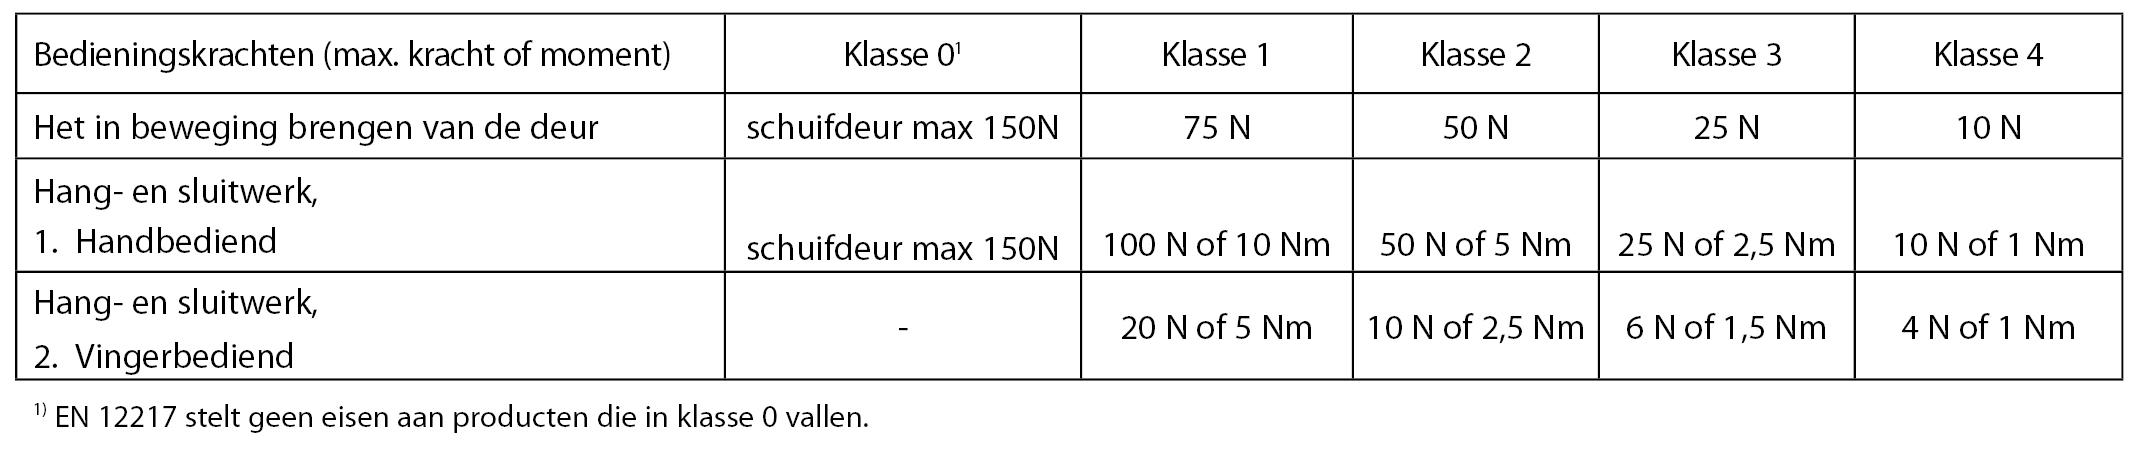 2.10 Aluminium_Functionele-Eisen_Ventilatie_Classificatie-Deuren.jpg